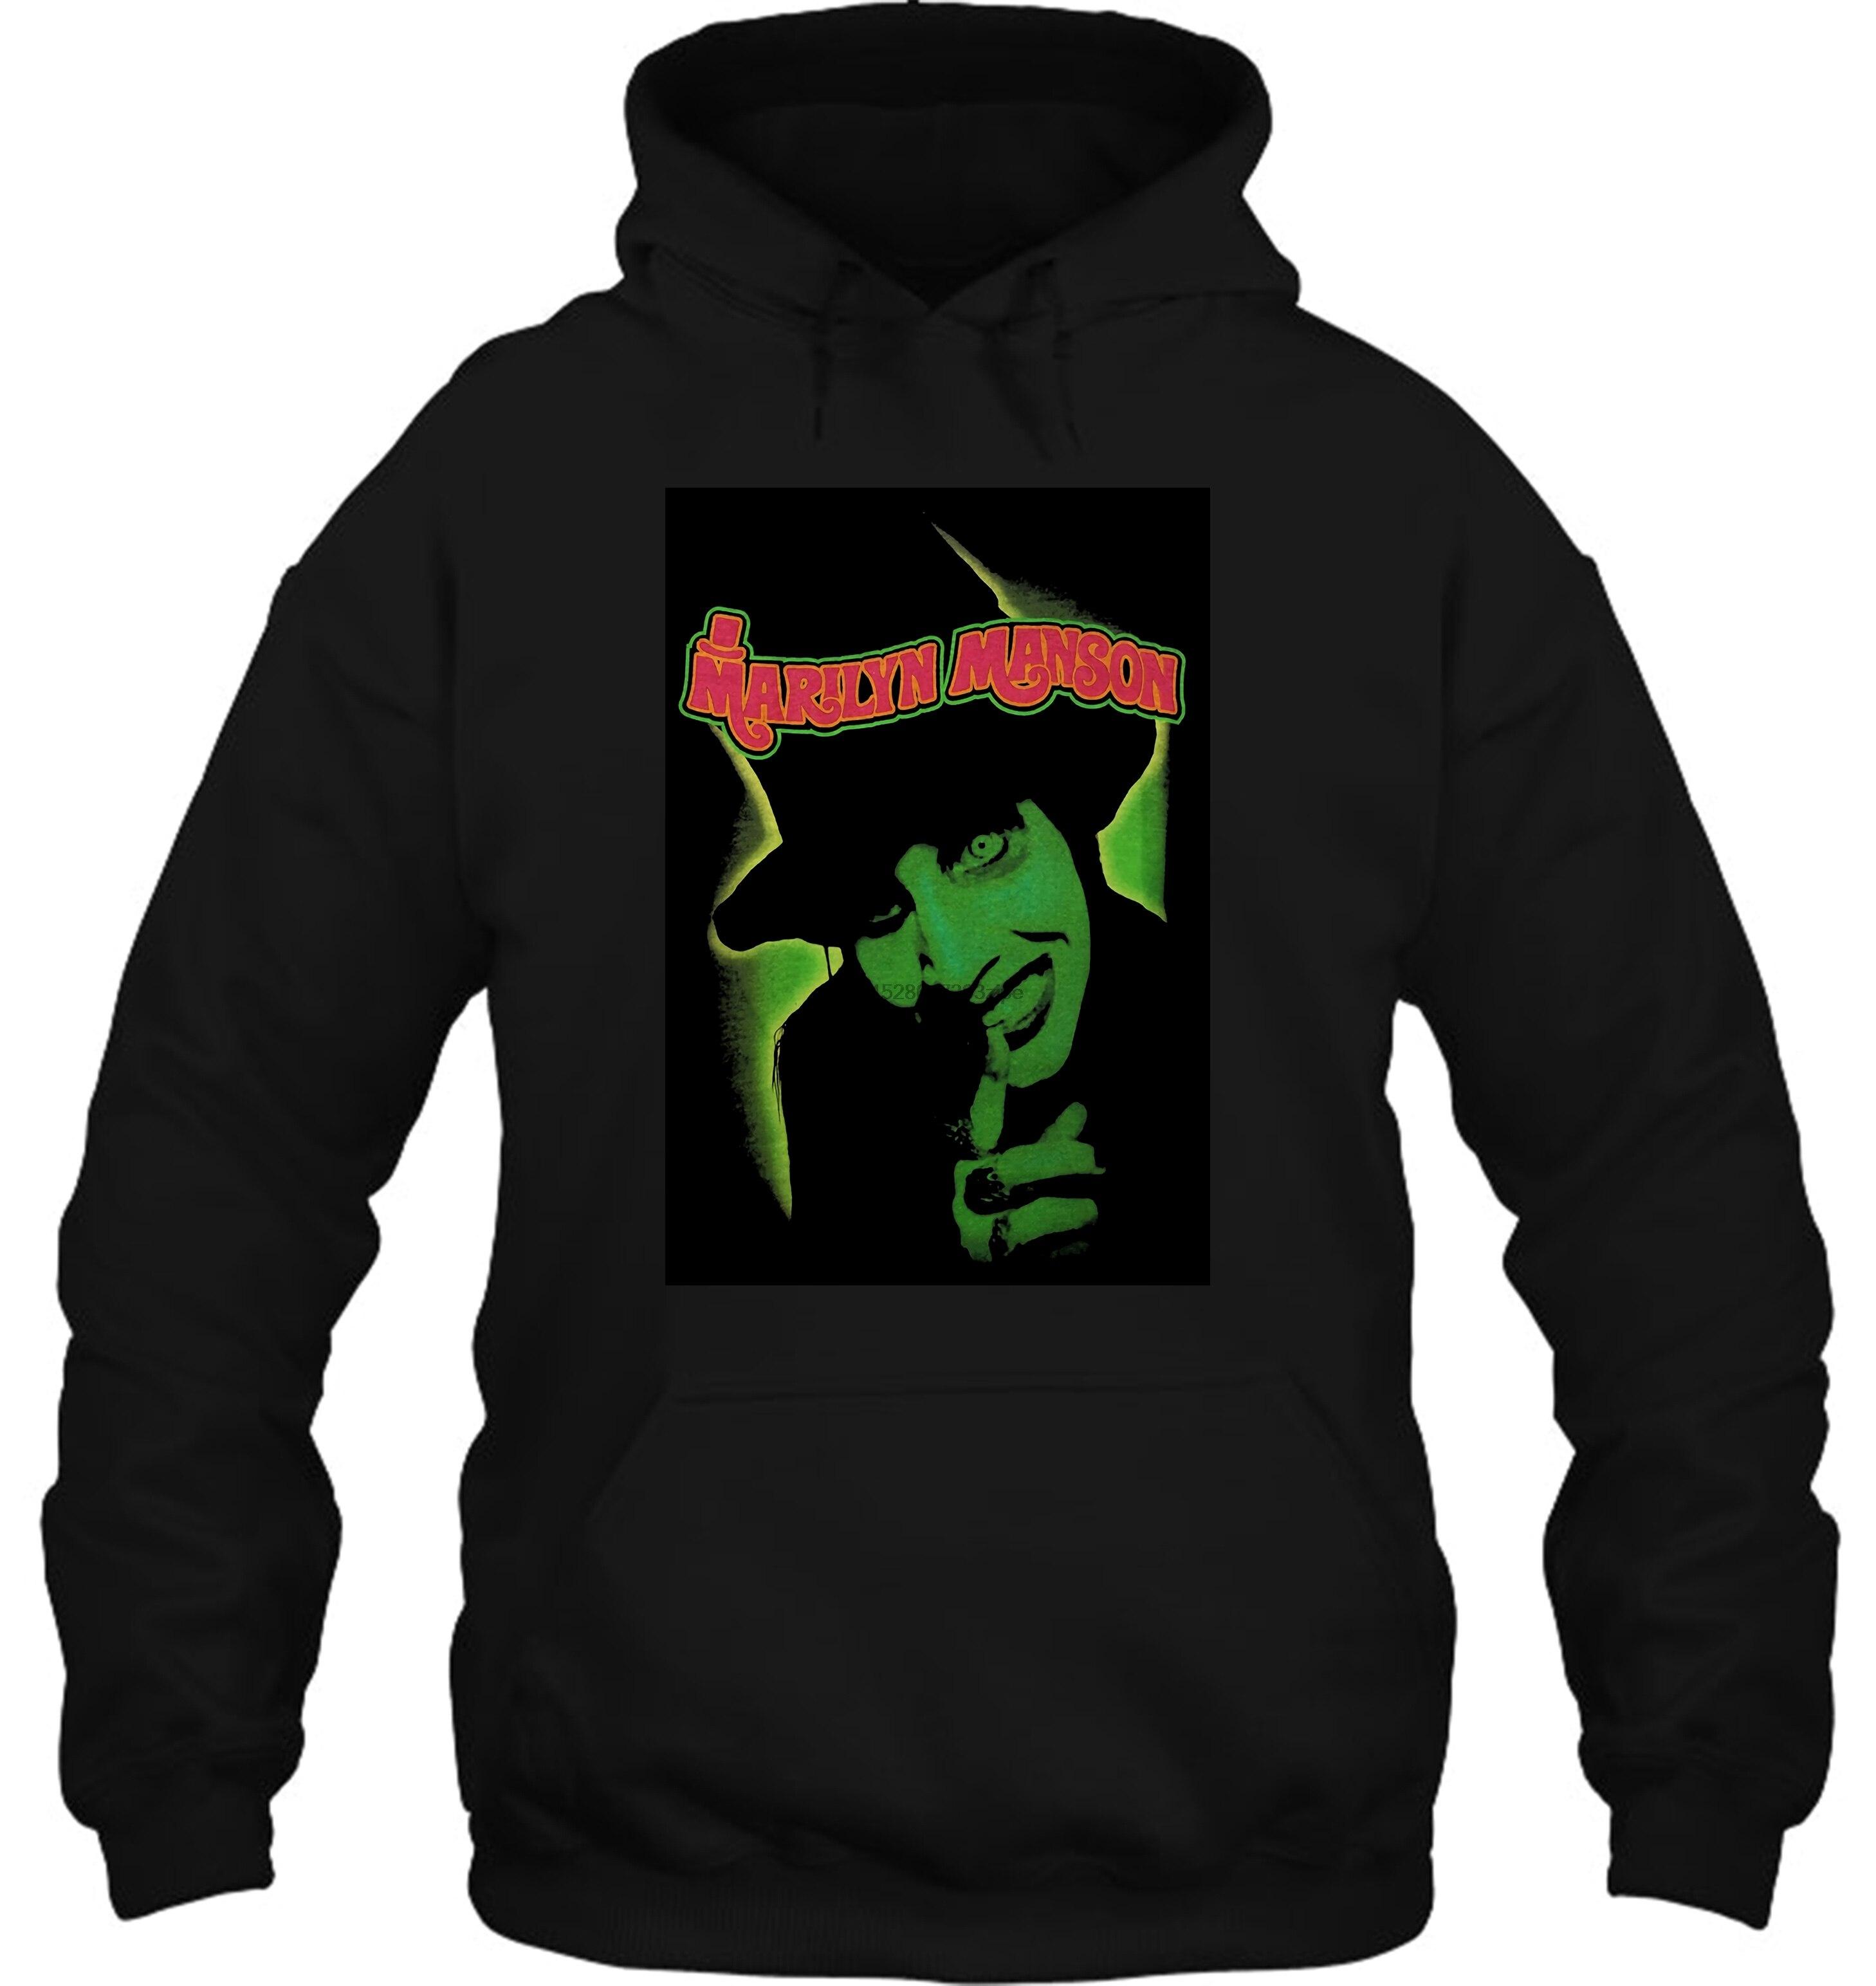 Marilyn Manson hombres y olores como niños negro Tops S ~ 3Xl tamaño grande hombres mujeres Streetwear sudaderas